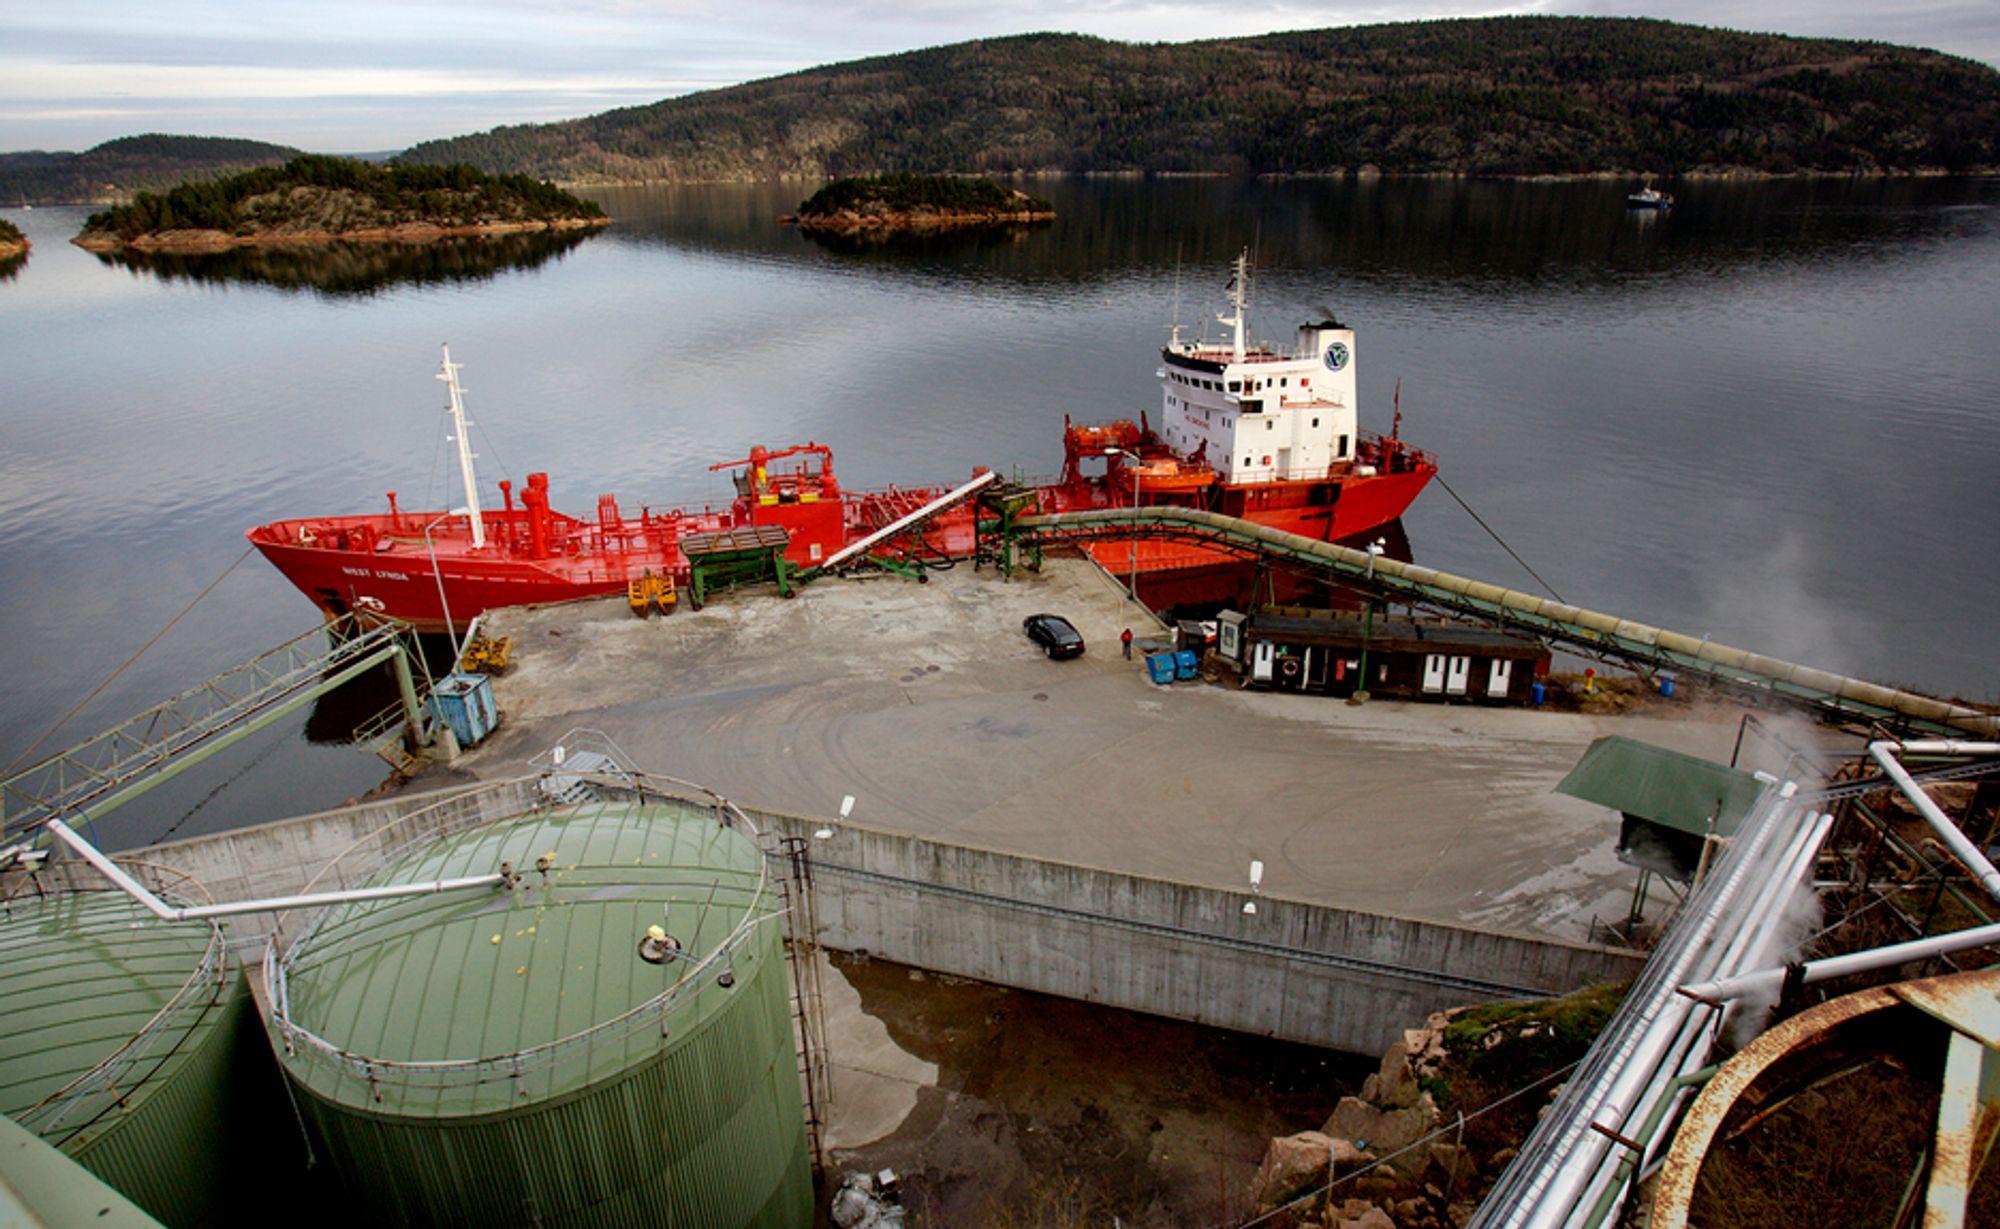 BV Energis biodieselfabrikk i Sætre måtte gi tapt for subsidiert amerikansk biodiesel. Nå har Statoil kjøpt tankstasjonene.